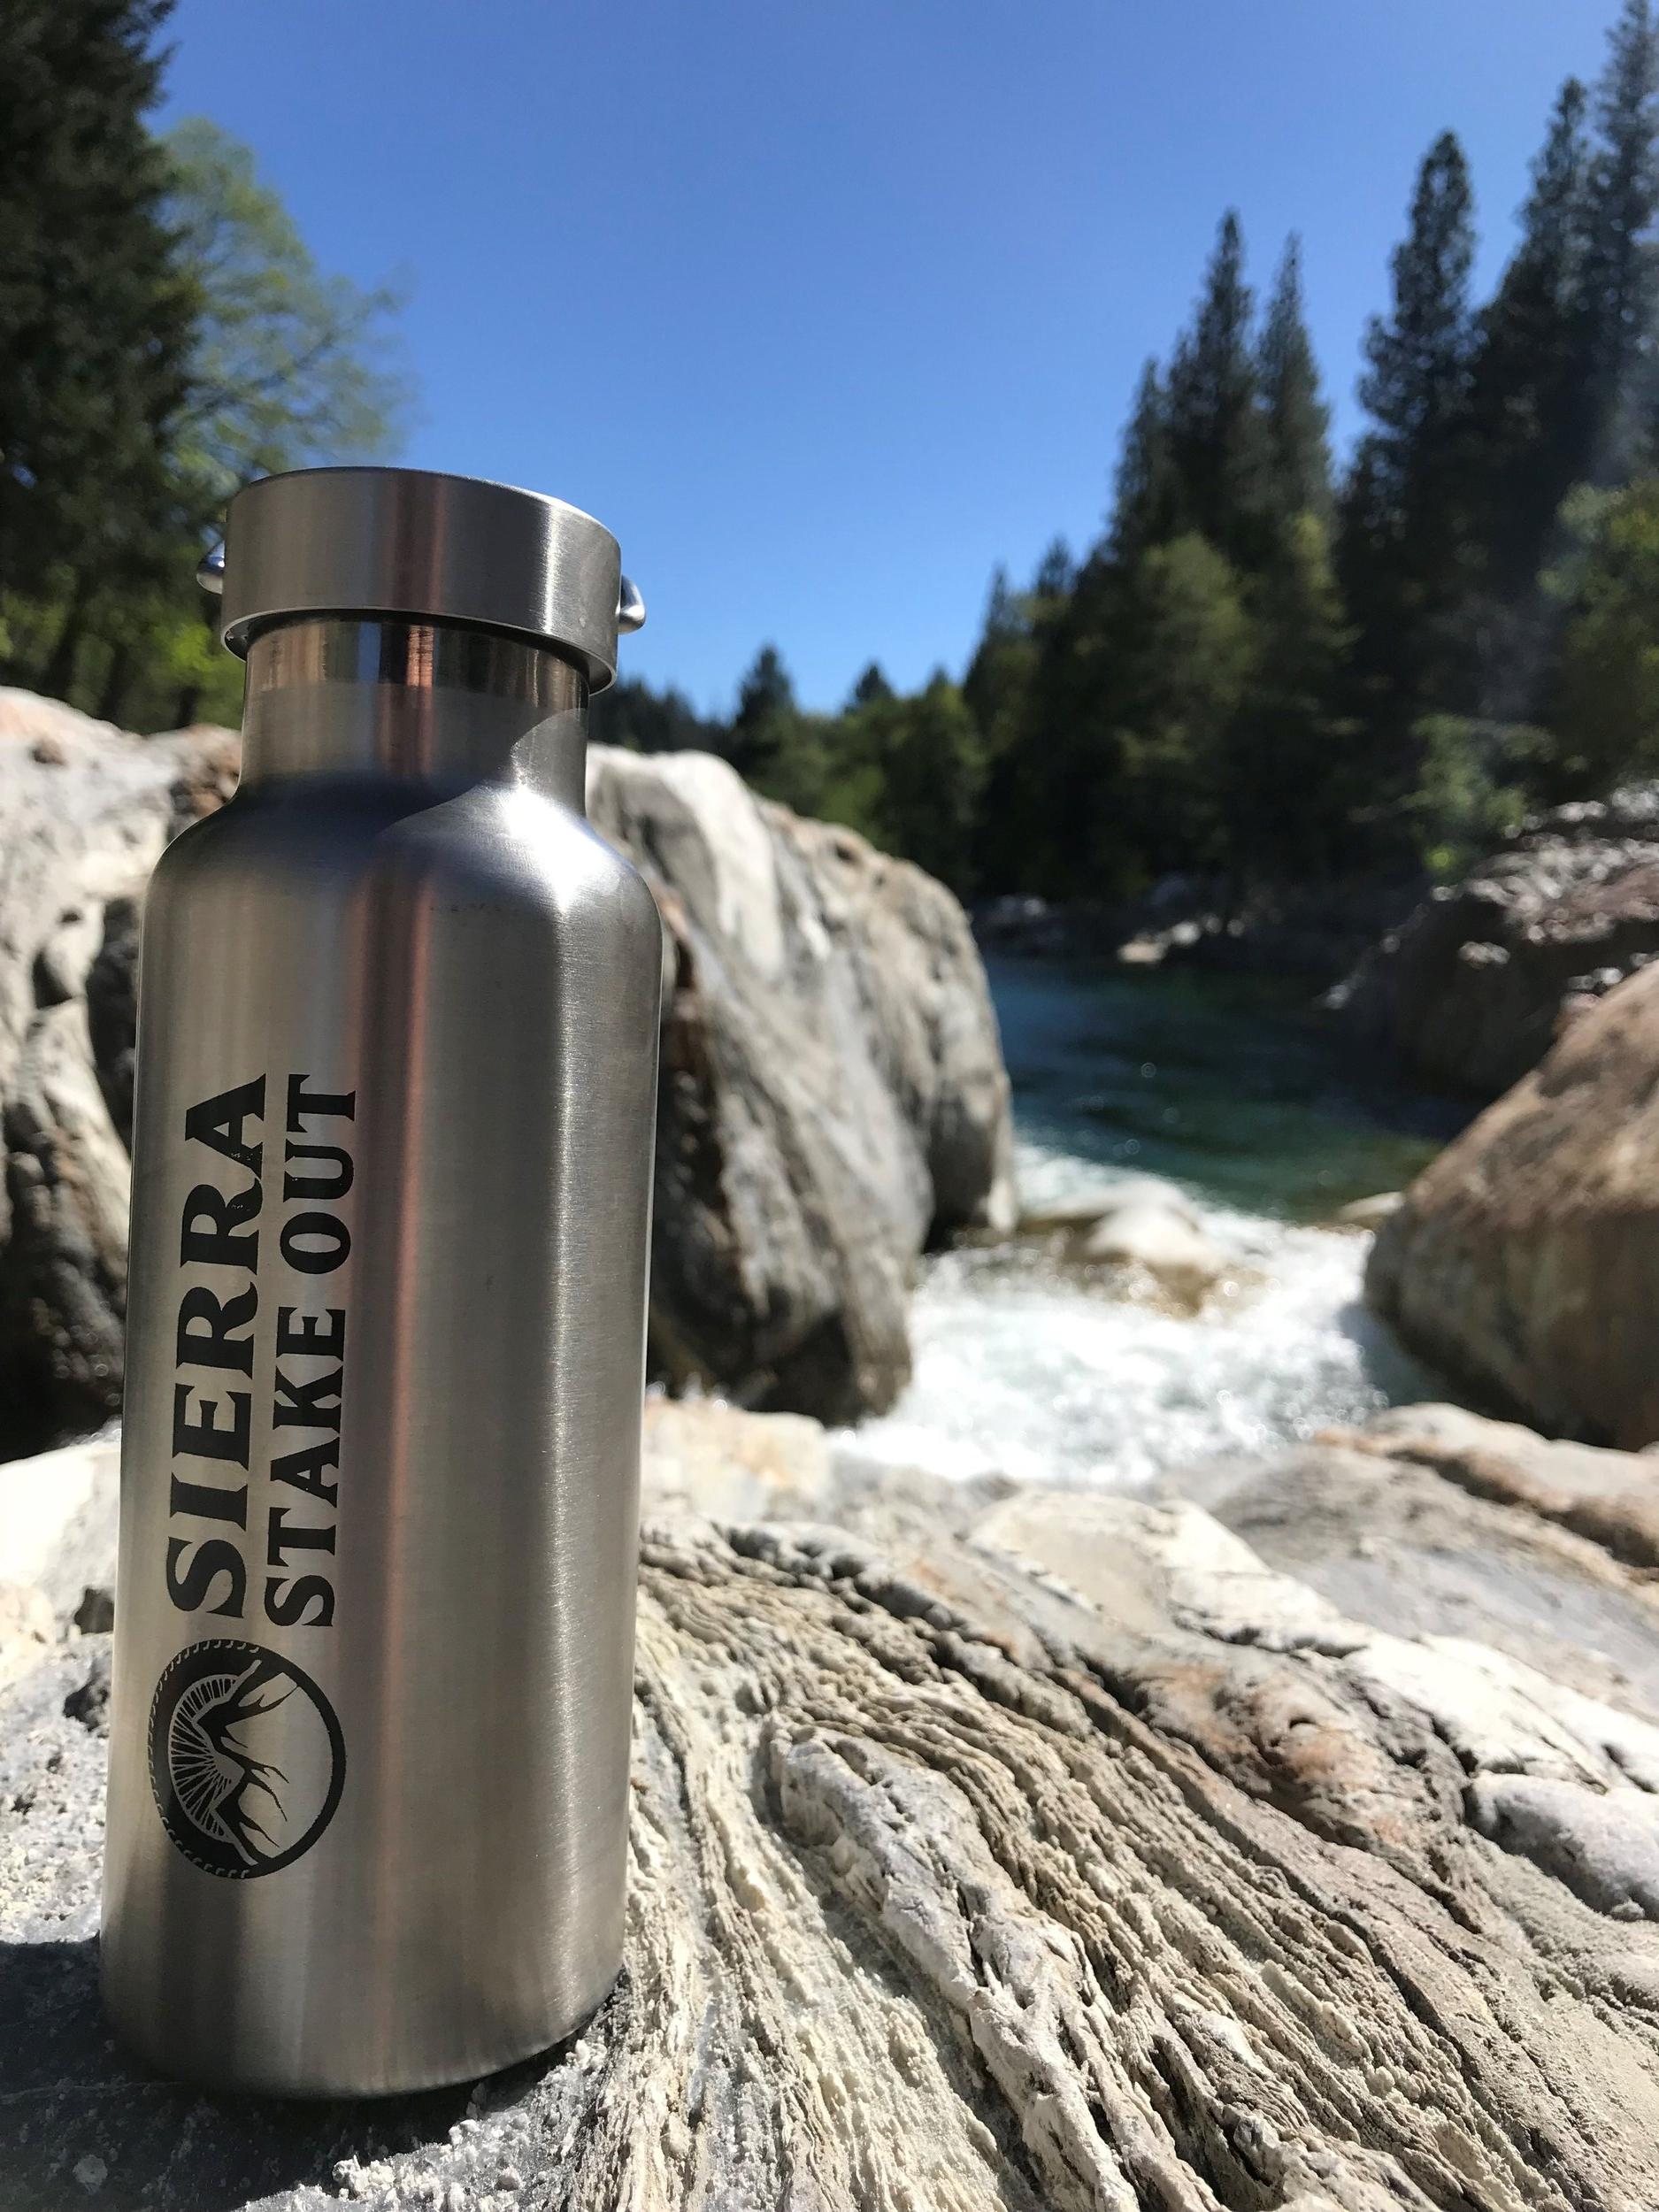 sierra stake out water bottle.jpg